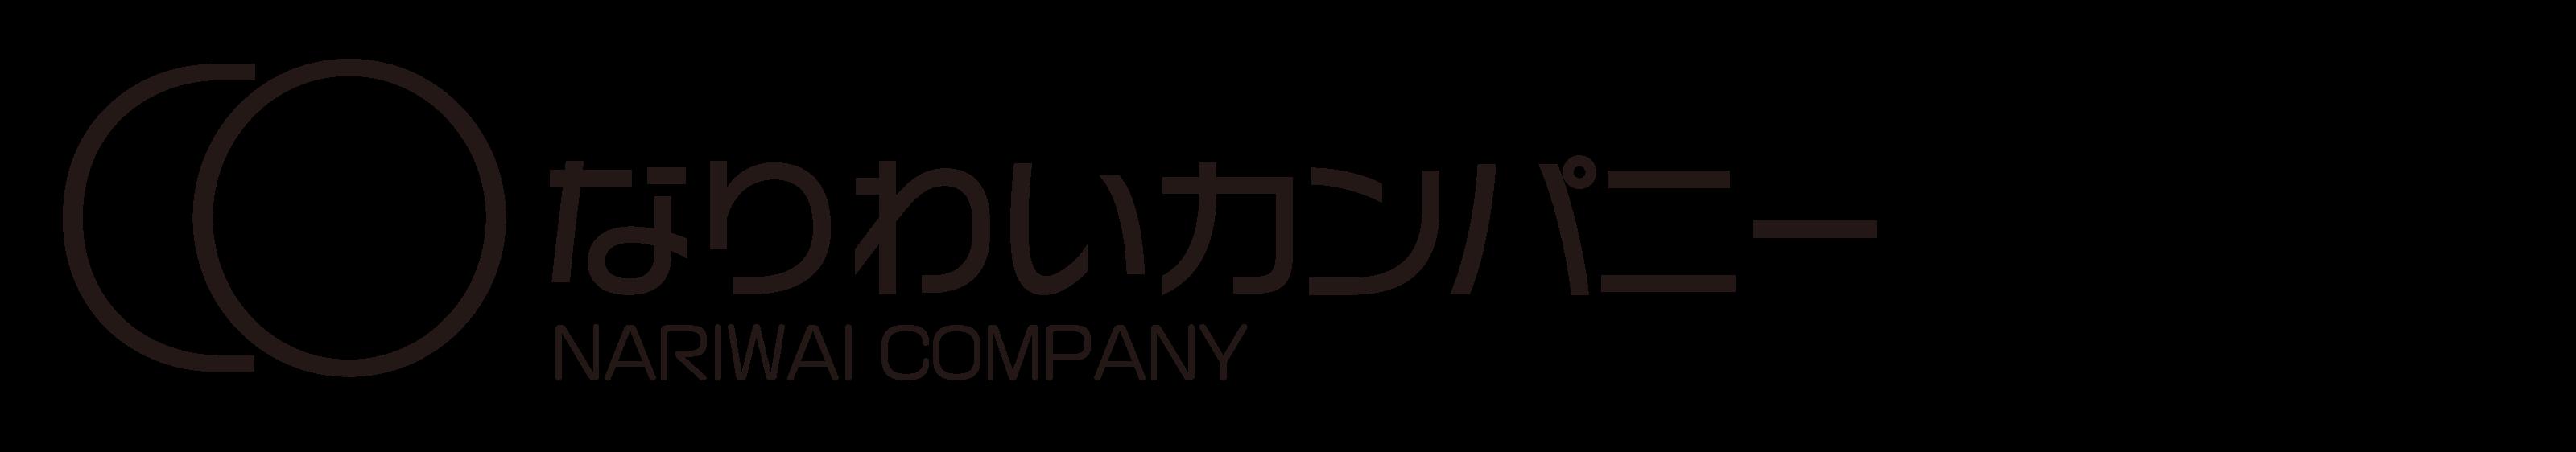 なりわいカンパニー株式会社